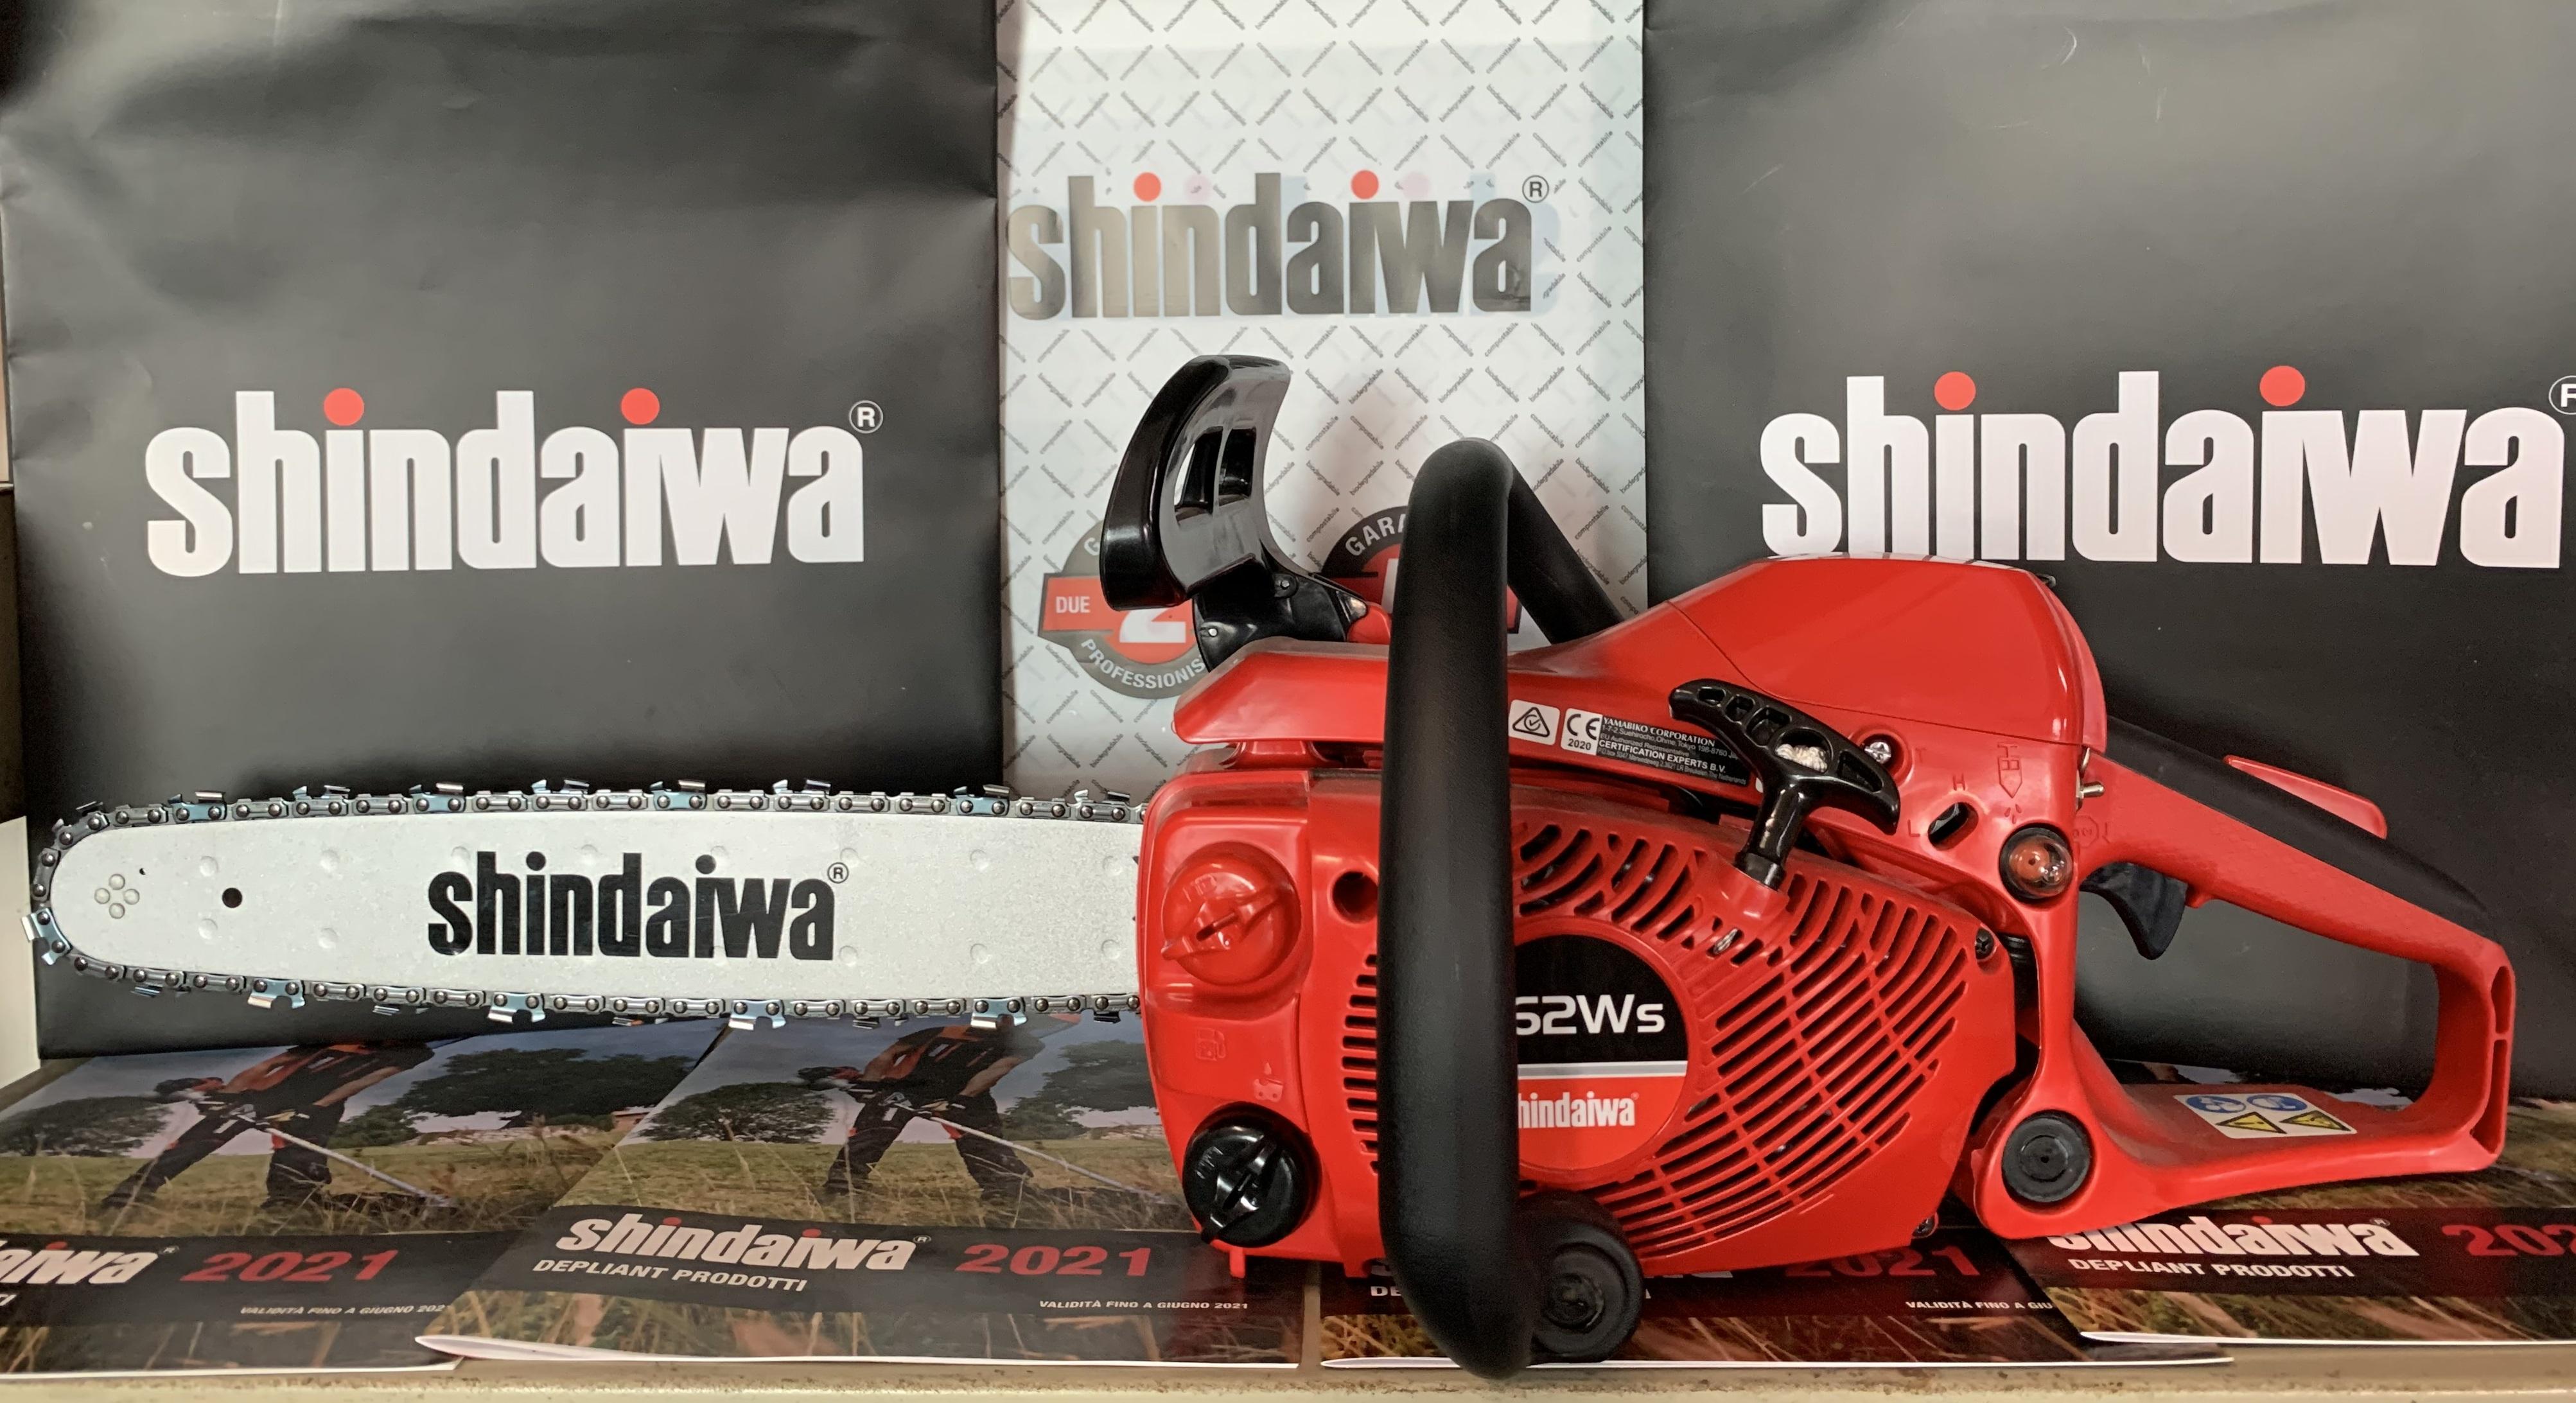 MOTOSEGA SHINDAIWA 362WS 35,8 cc - 1.5 Kw  DOPPIA IMPUGNATURA LEGGERA E PROFESSIONALE